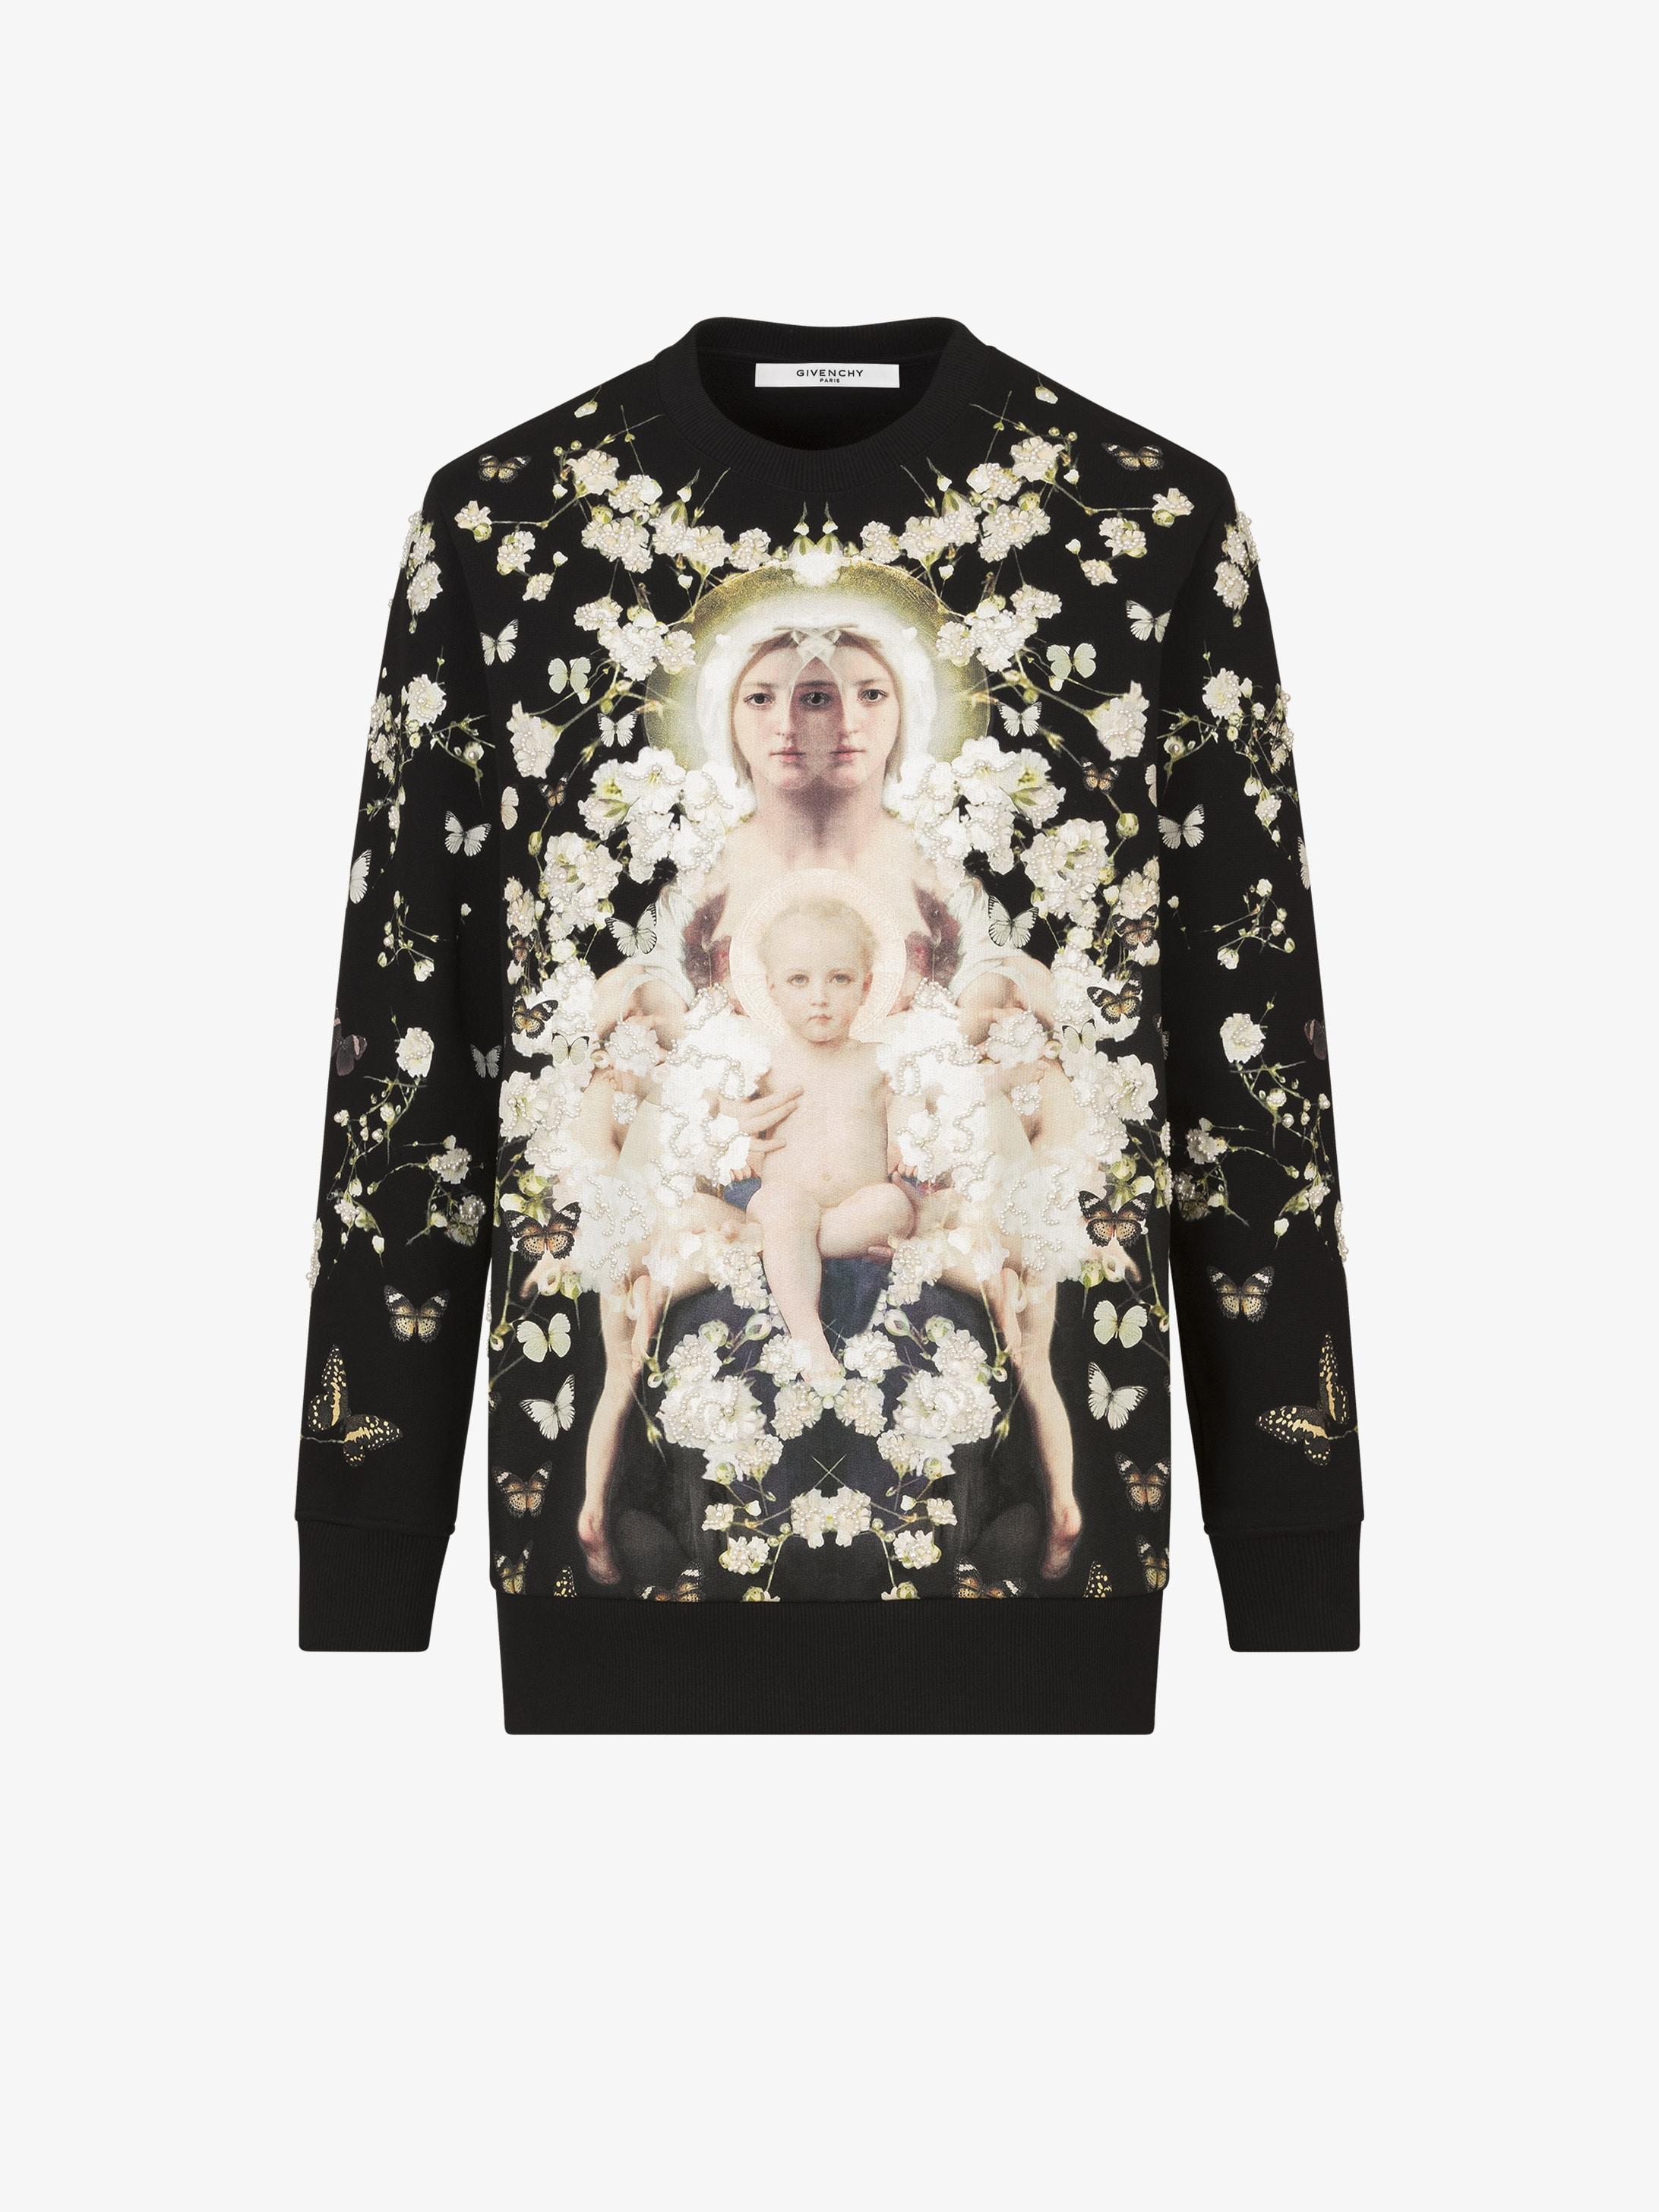 Baby's breath Madonna embroidered sweatshirt